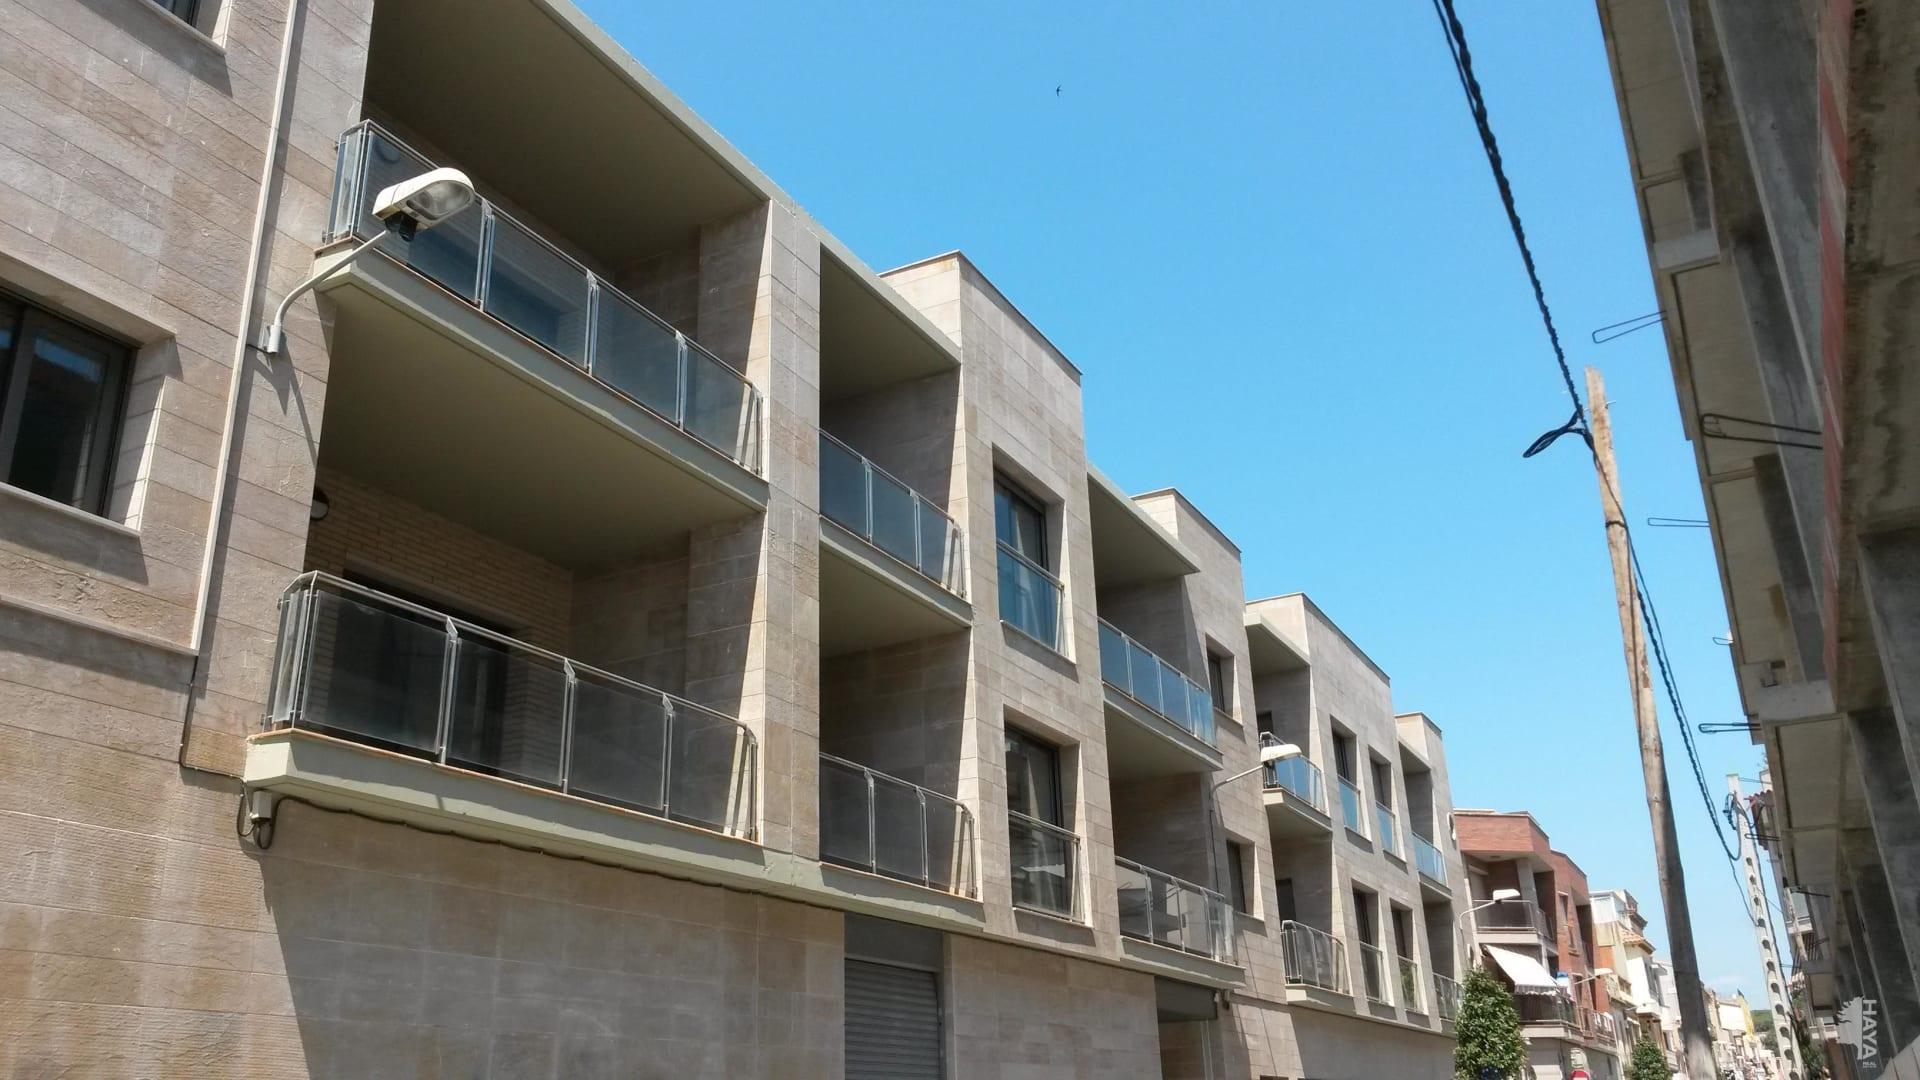 Piso en venta en Malgrat de Mar, Barcelona, Calle Sant Esteve, 199.000 €, 4 habitaciones, 2 baños, 145 m2